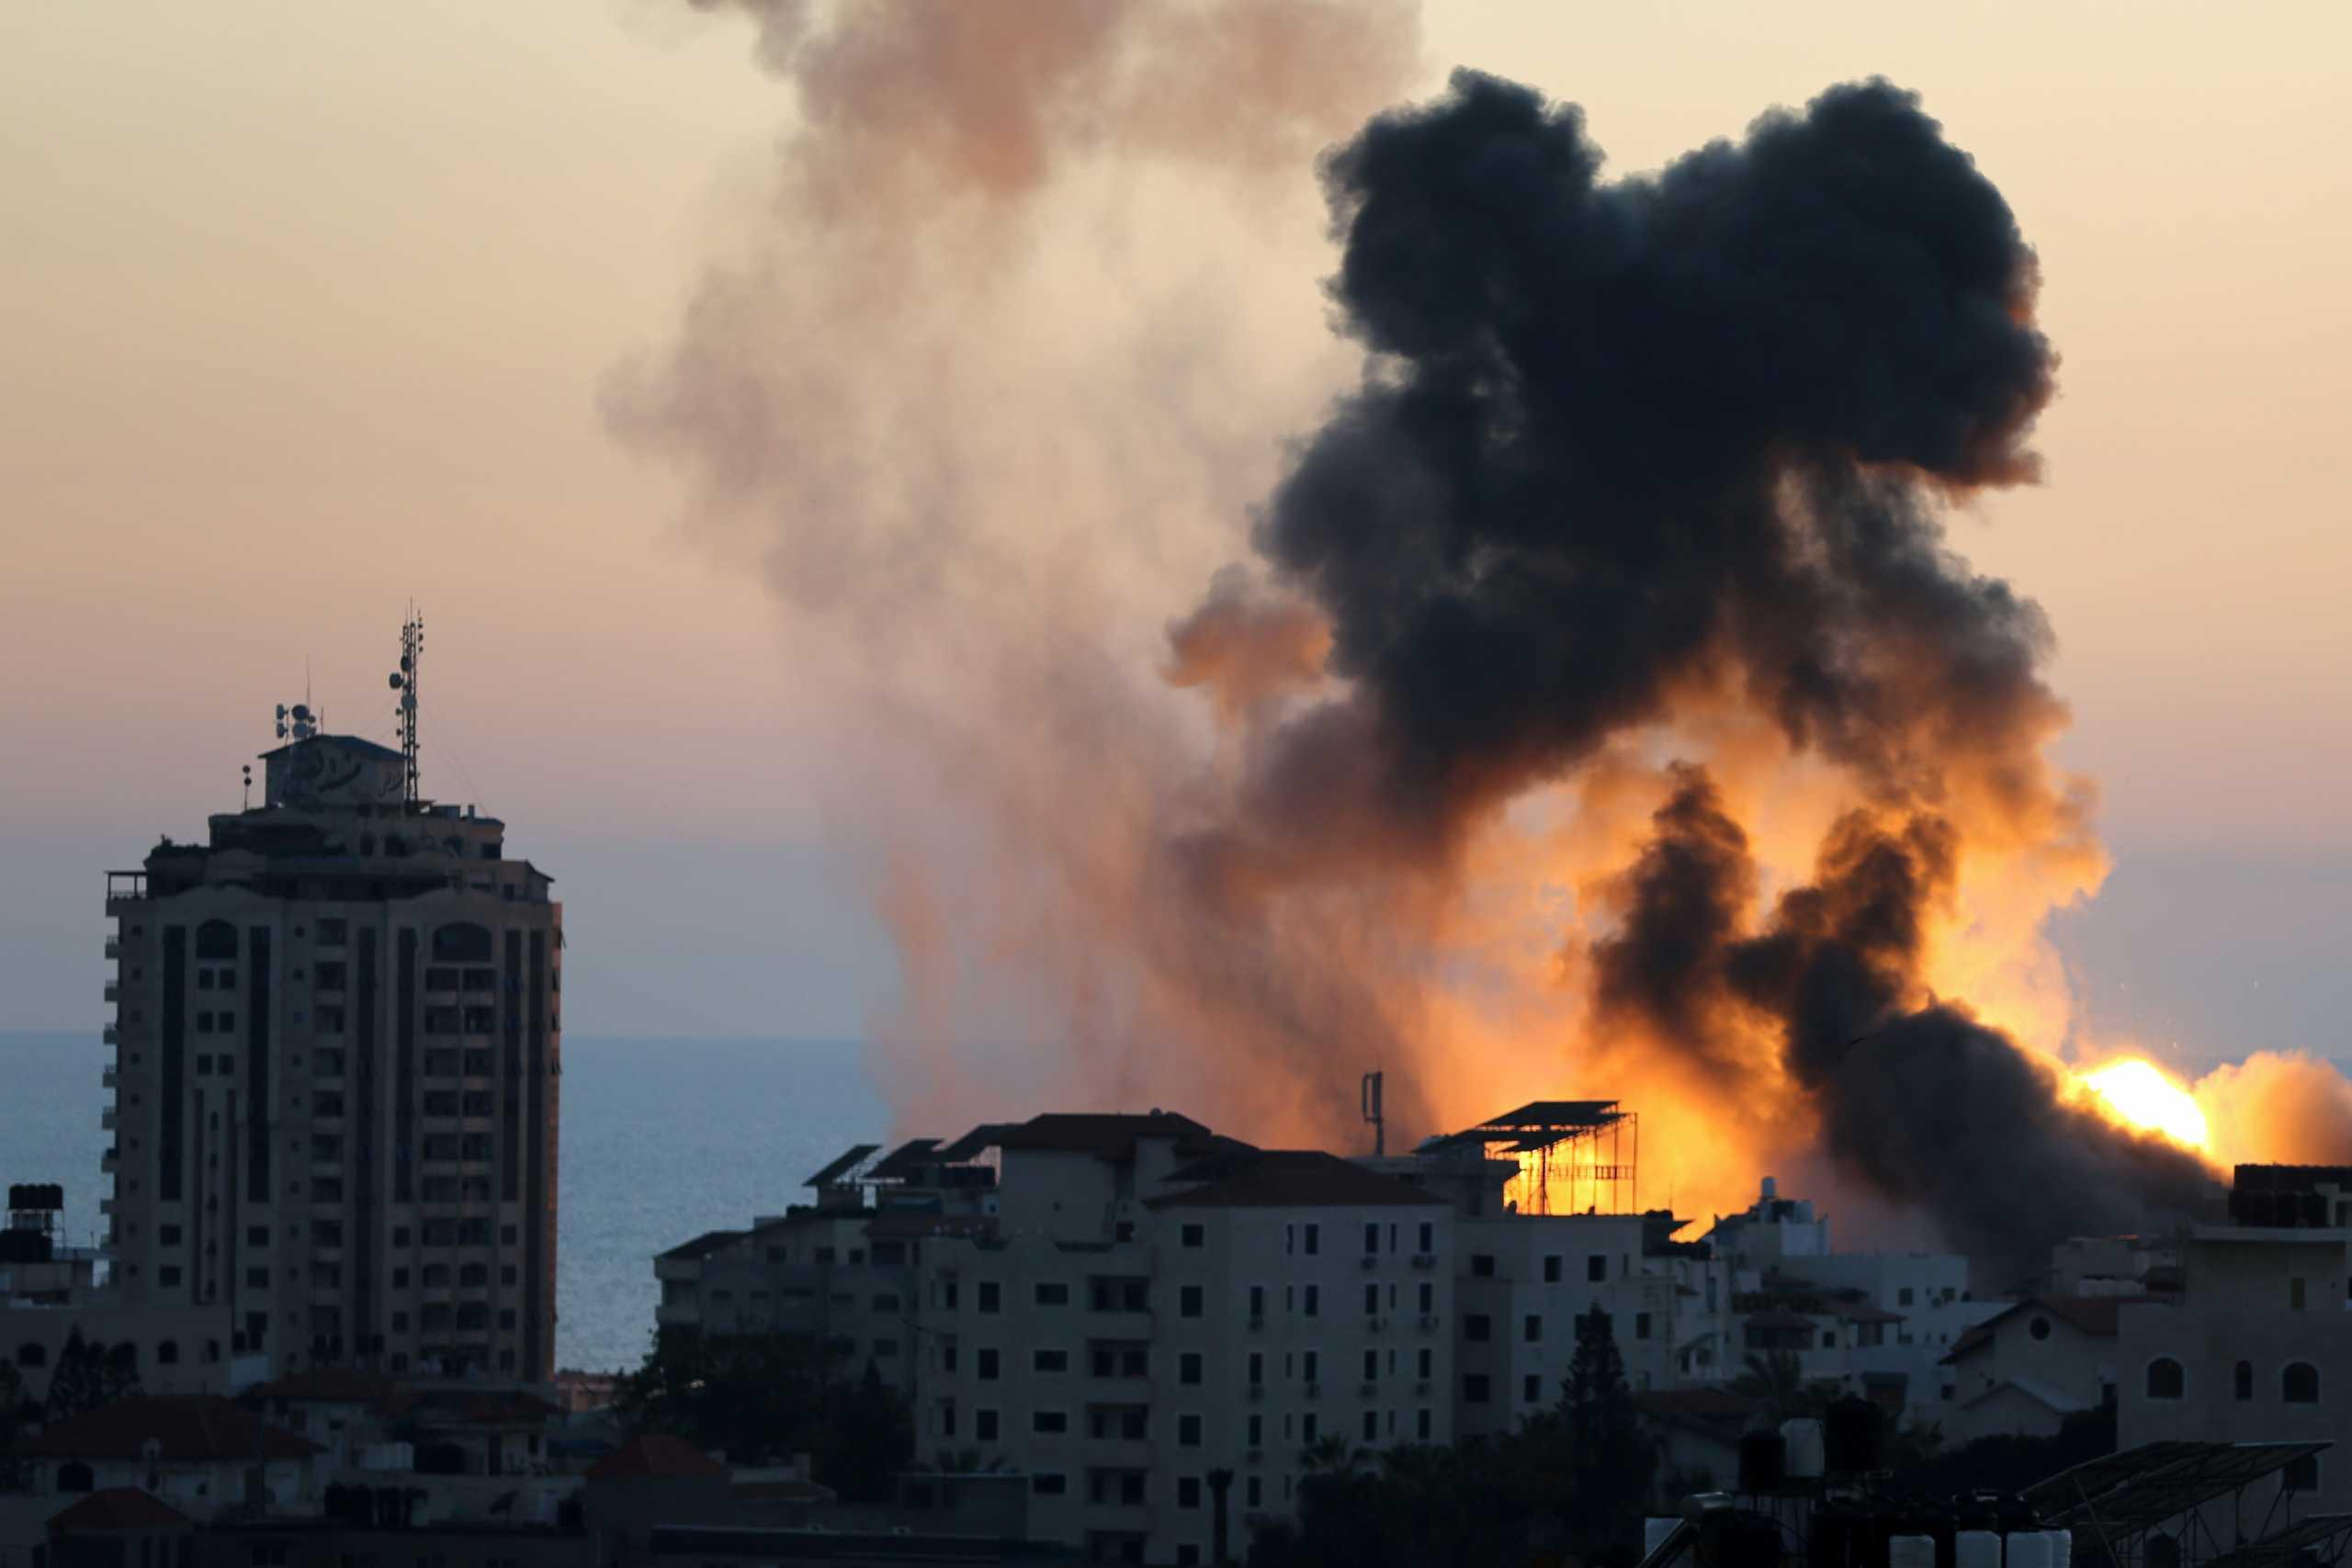 Λωρίδα της Γάζας: Συνεχίζεται το αιματοκύλισμα – Άλλοι 8 Παλαιστίνιοι νεκροί από ισραηλινούς βομβαρδισμούς